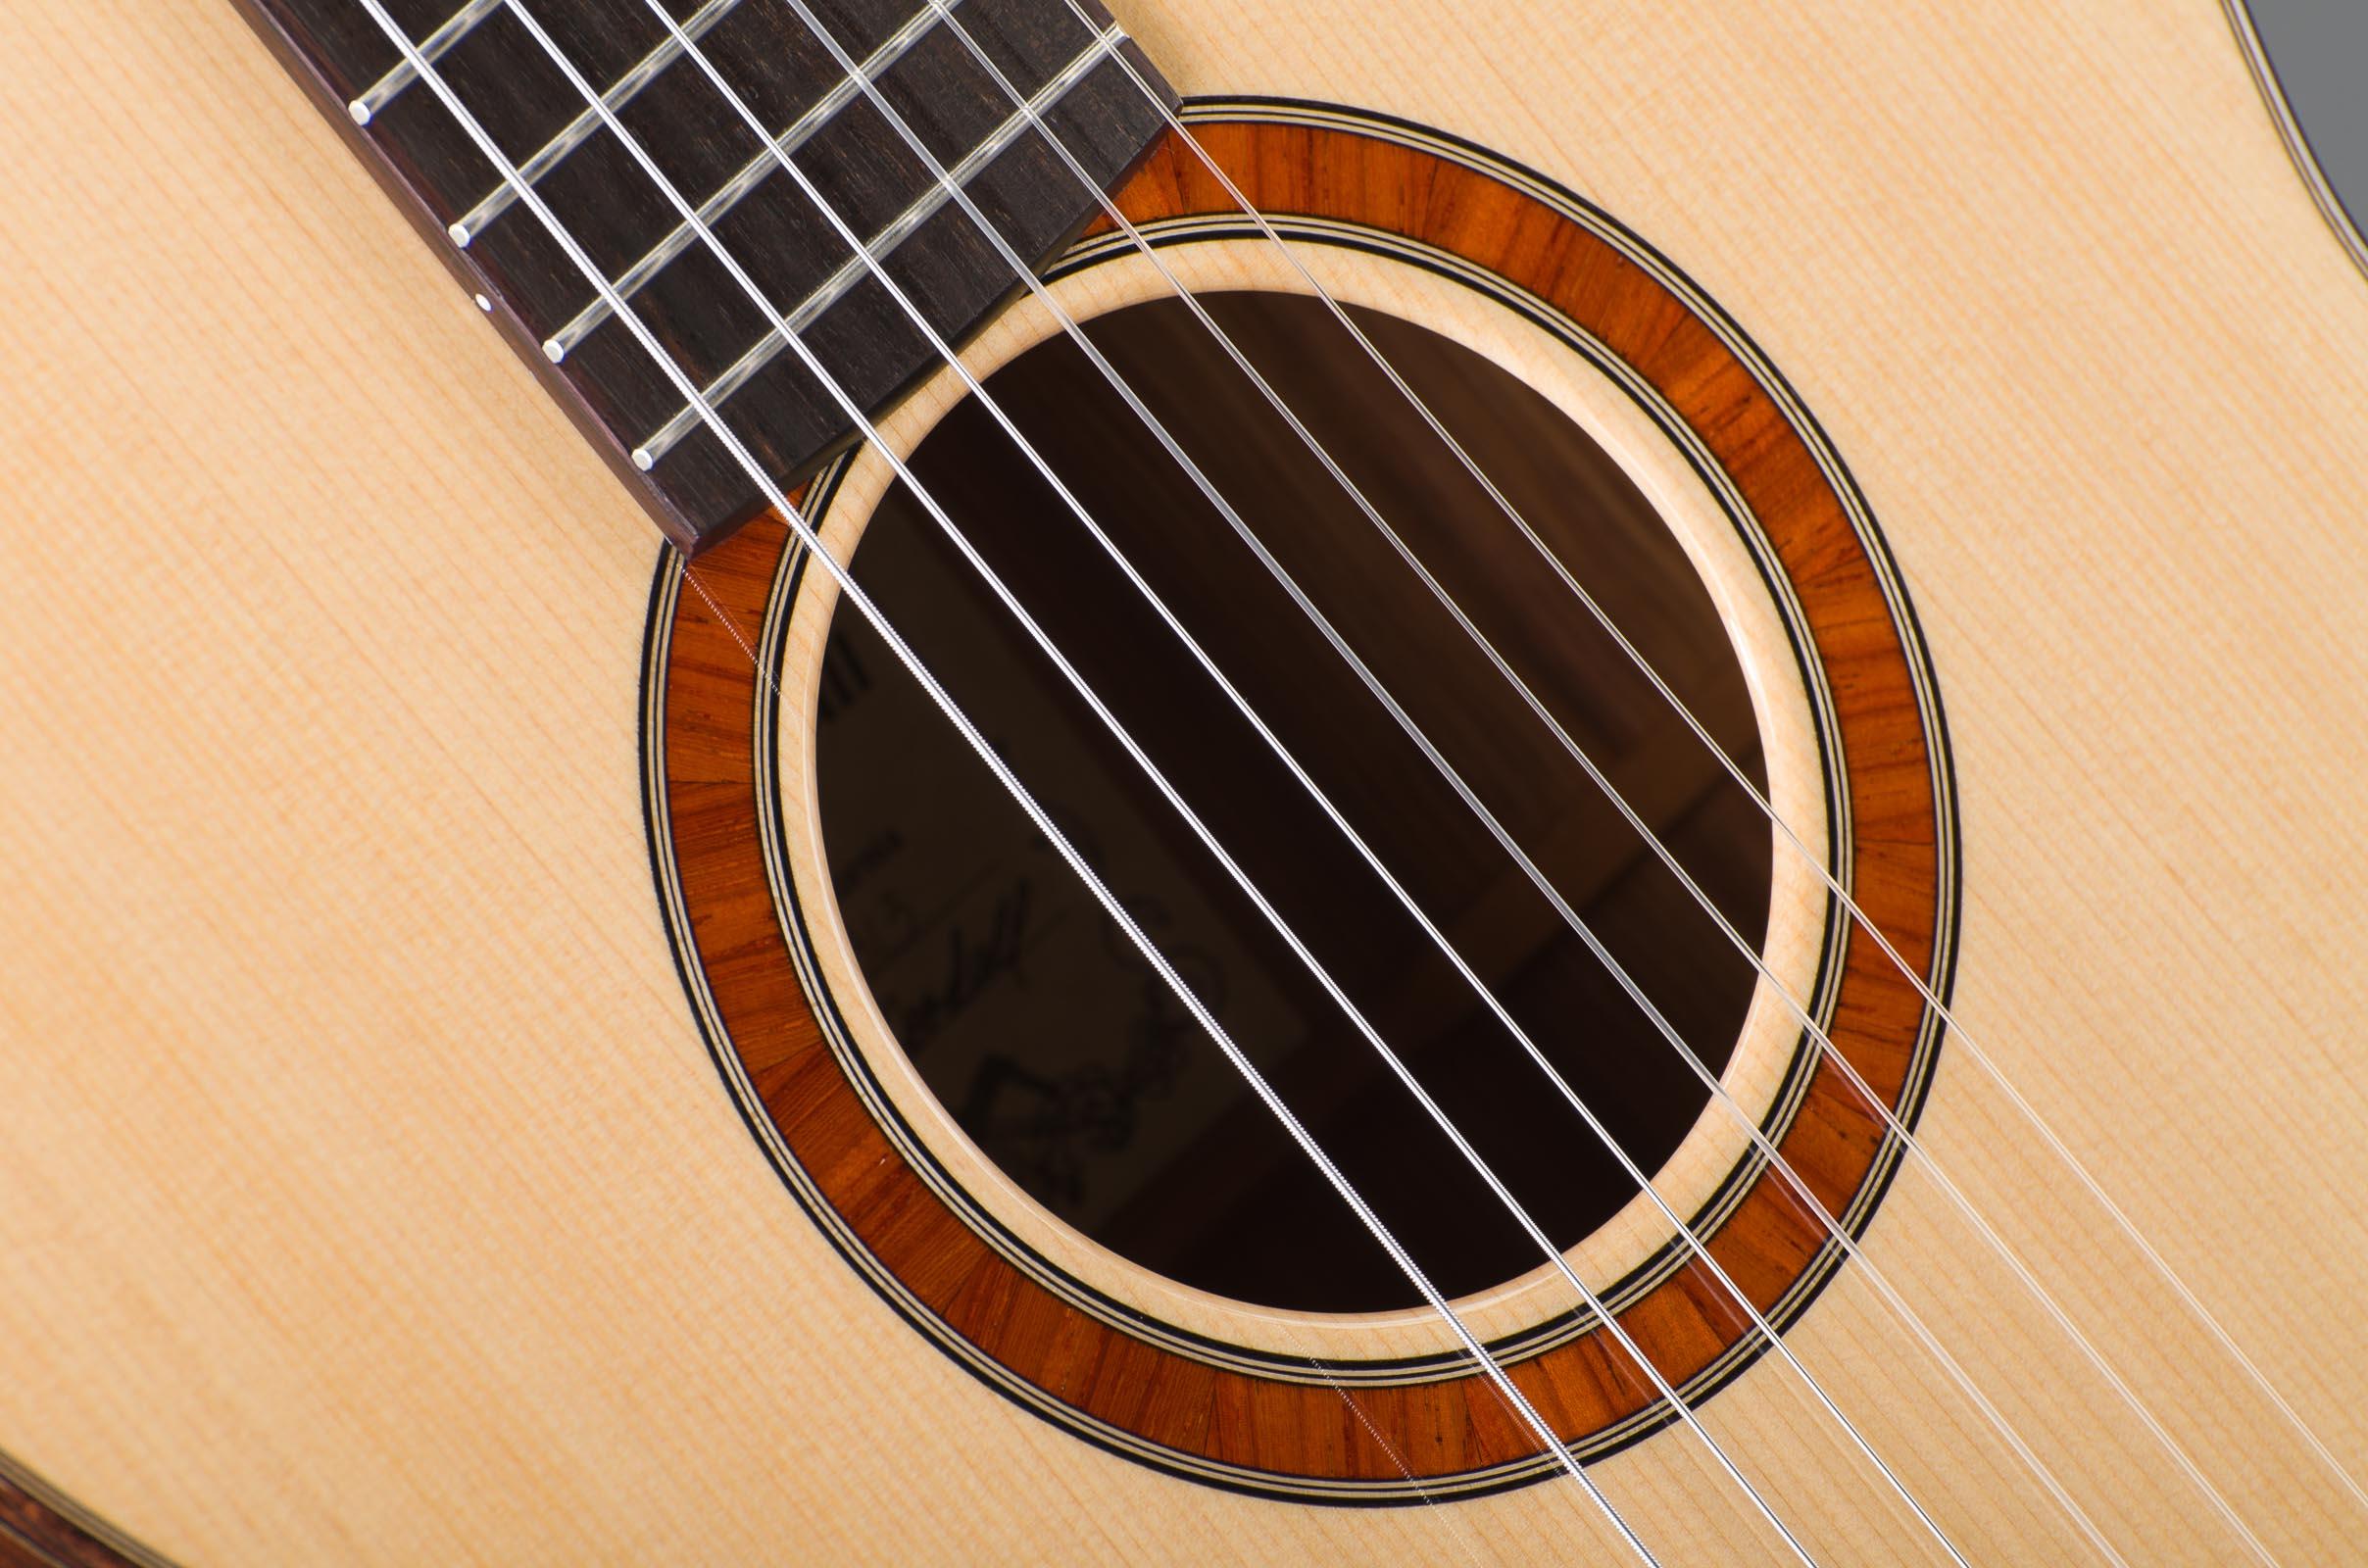 Crossover Goodall Guitars